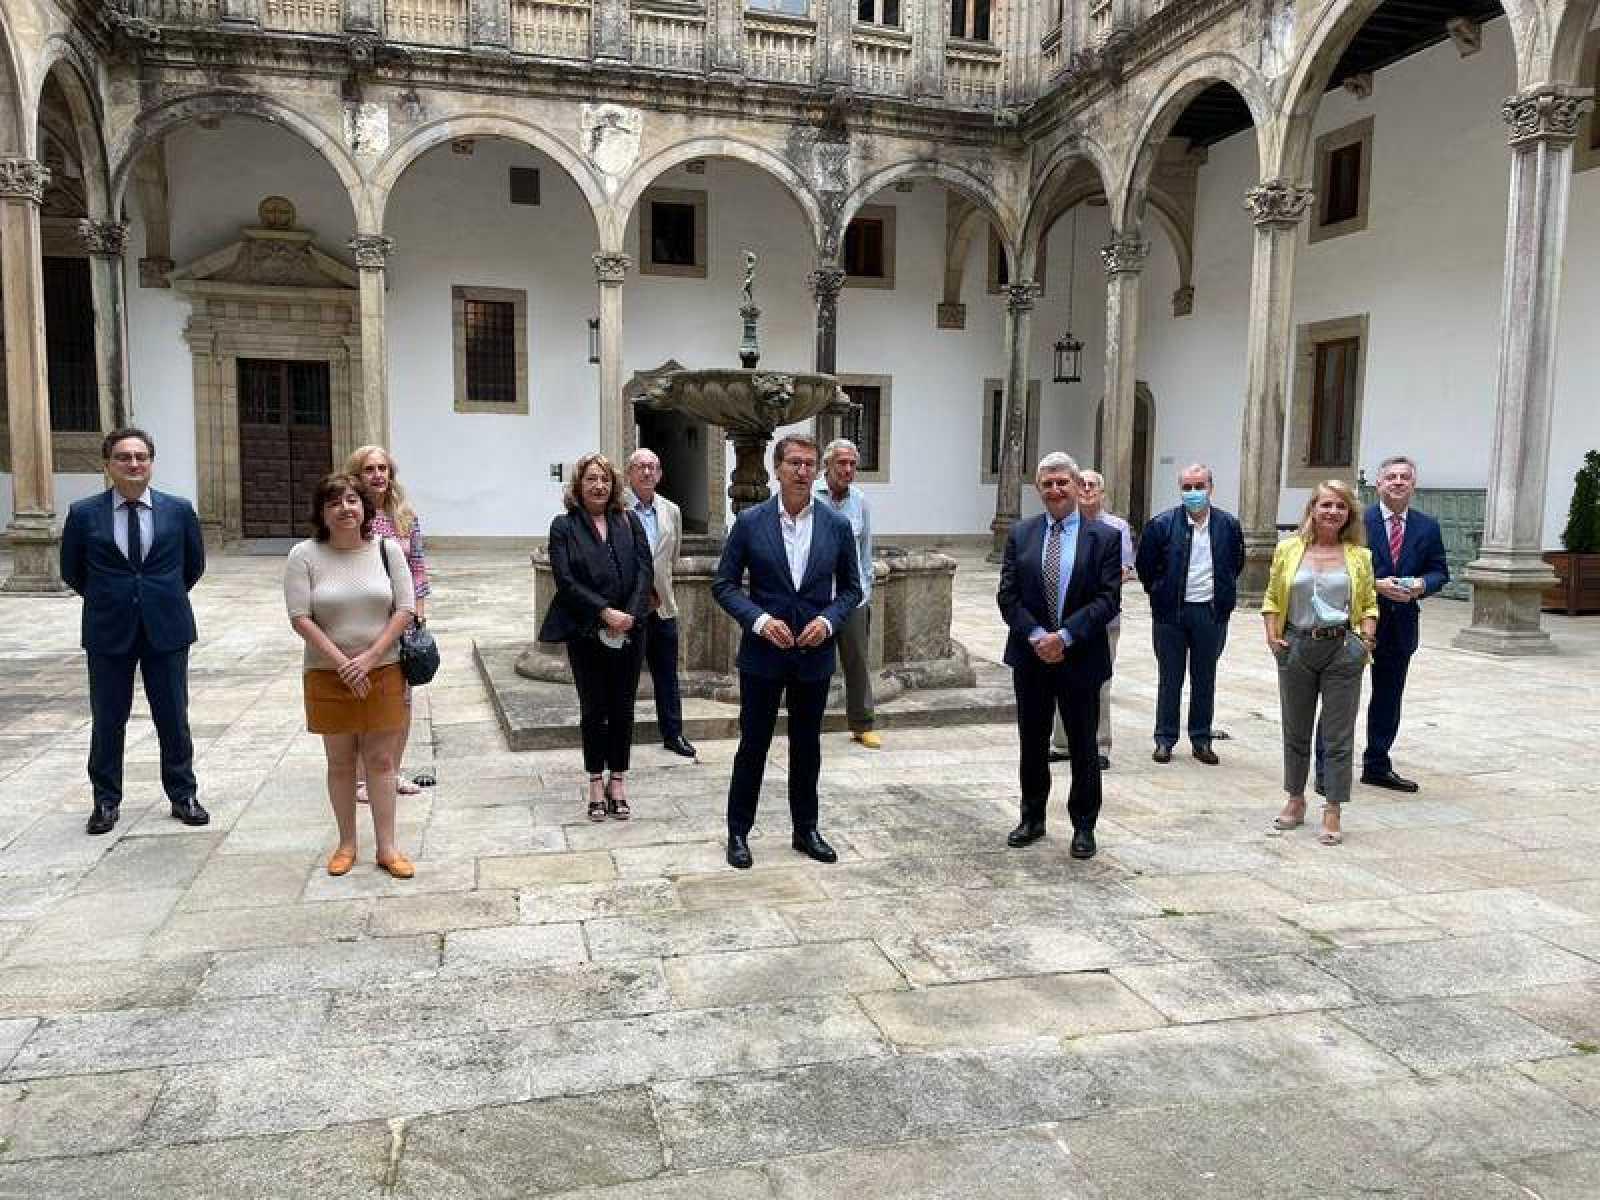 El Consejo de Administración de RTVE se reúne en Santiago de Compostela con motivo del 50 aniversario del Centro Territorial de Galicia